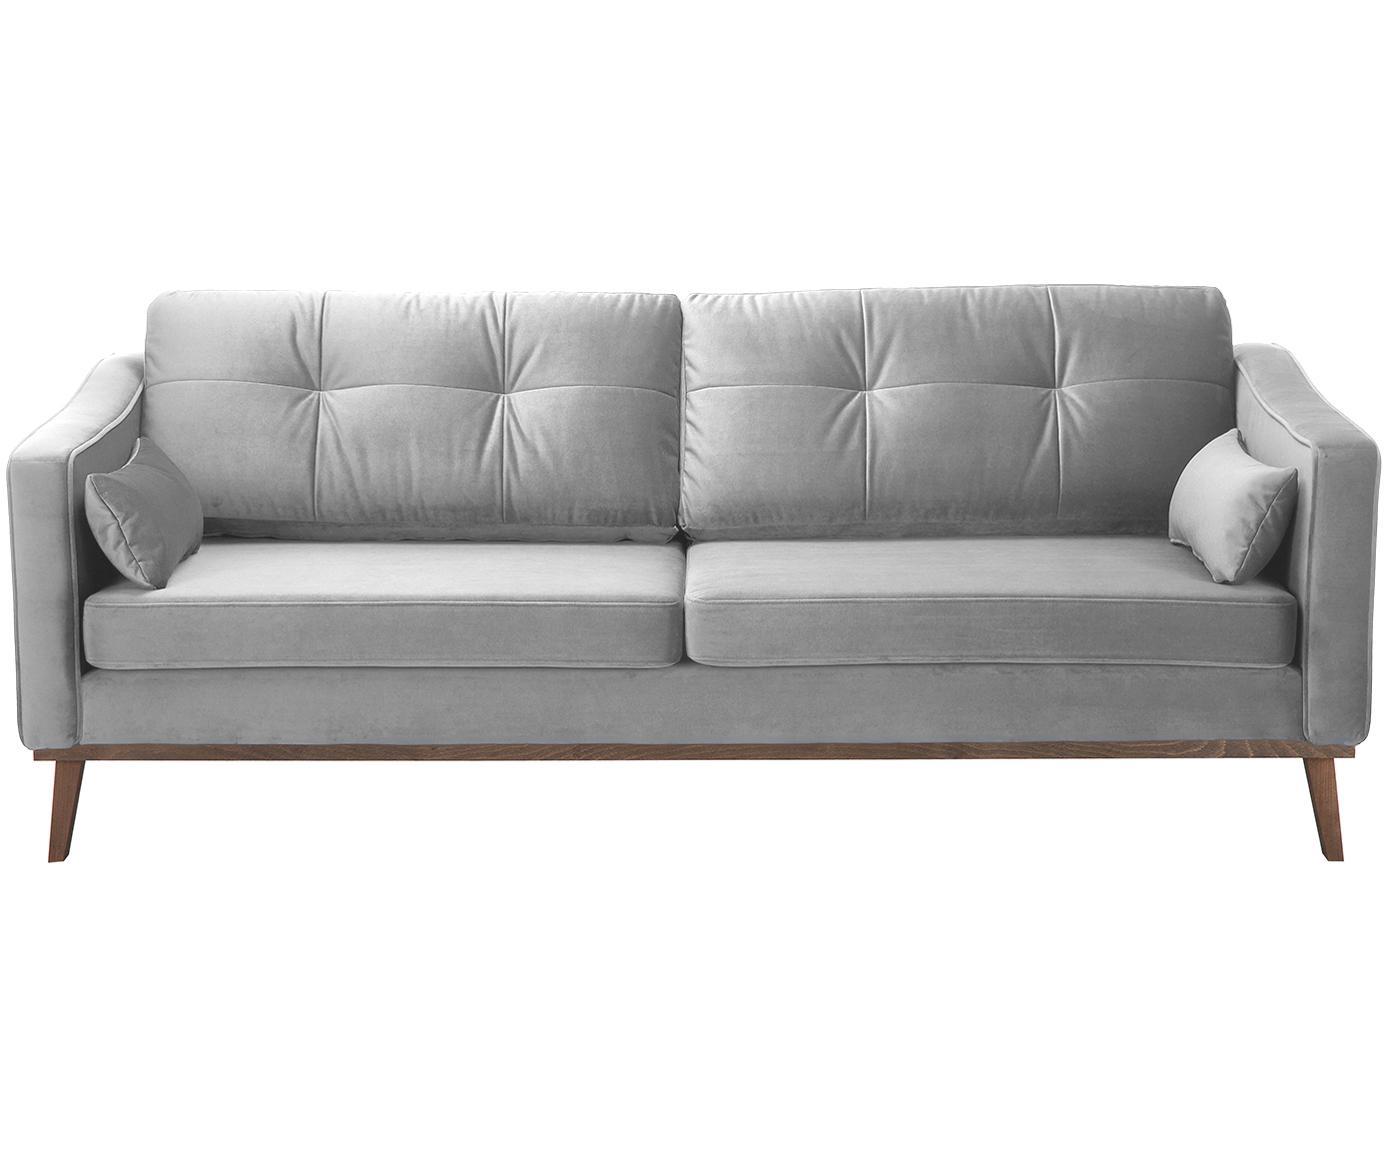 Sofa z aksamitu Alva (3-osobowa), Tapicerka: aksamit (wysokiej jakości, Stelaż: drewno sosnowe, Nogi: lite drewno bukowe, barwi, Szary, S 215 x G 92 cm